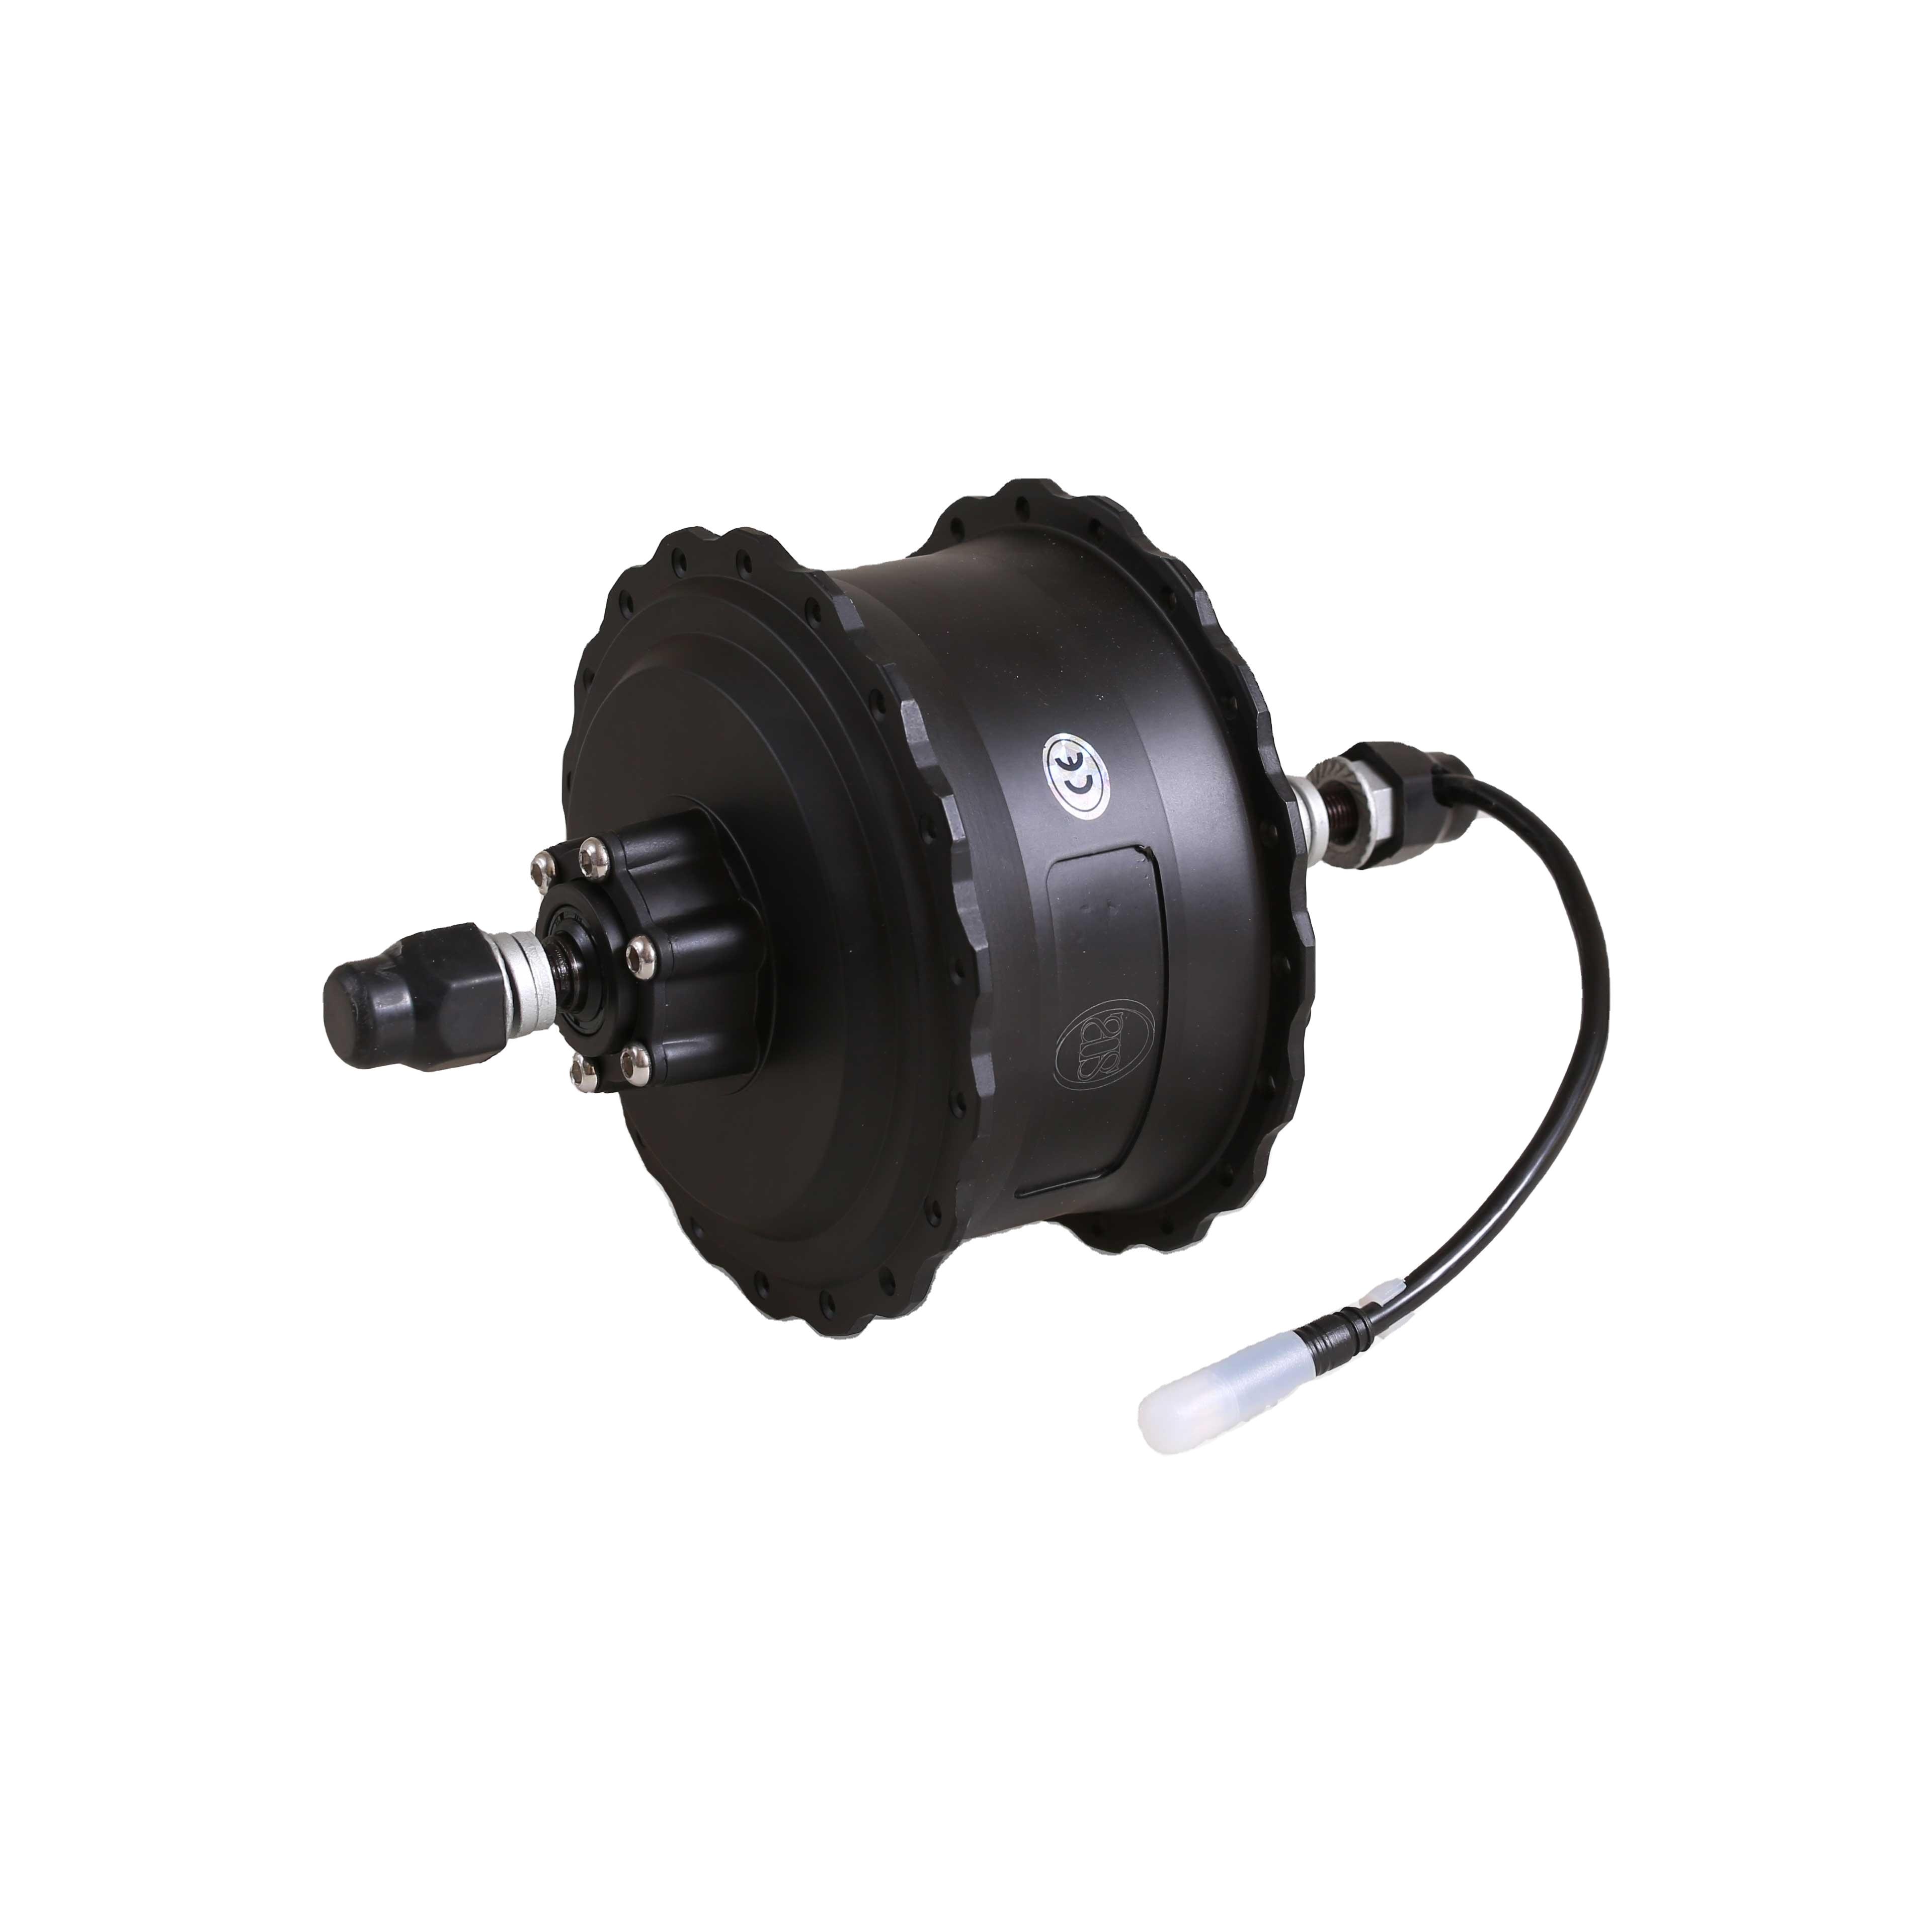 ebike spoke wheel hub specification